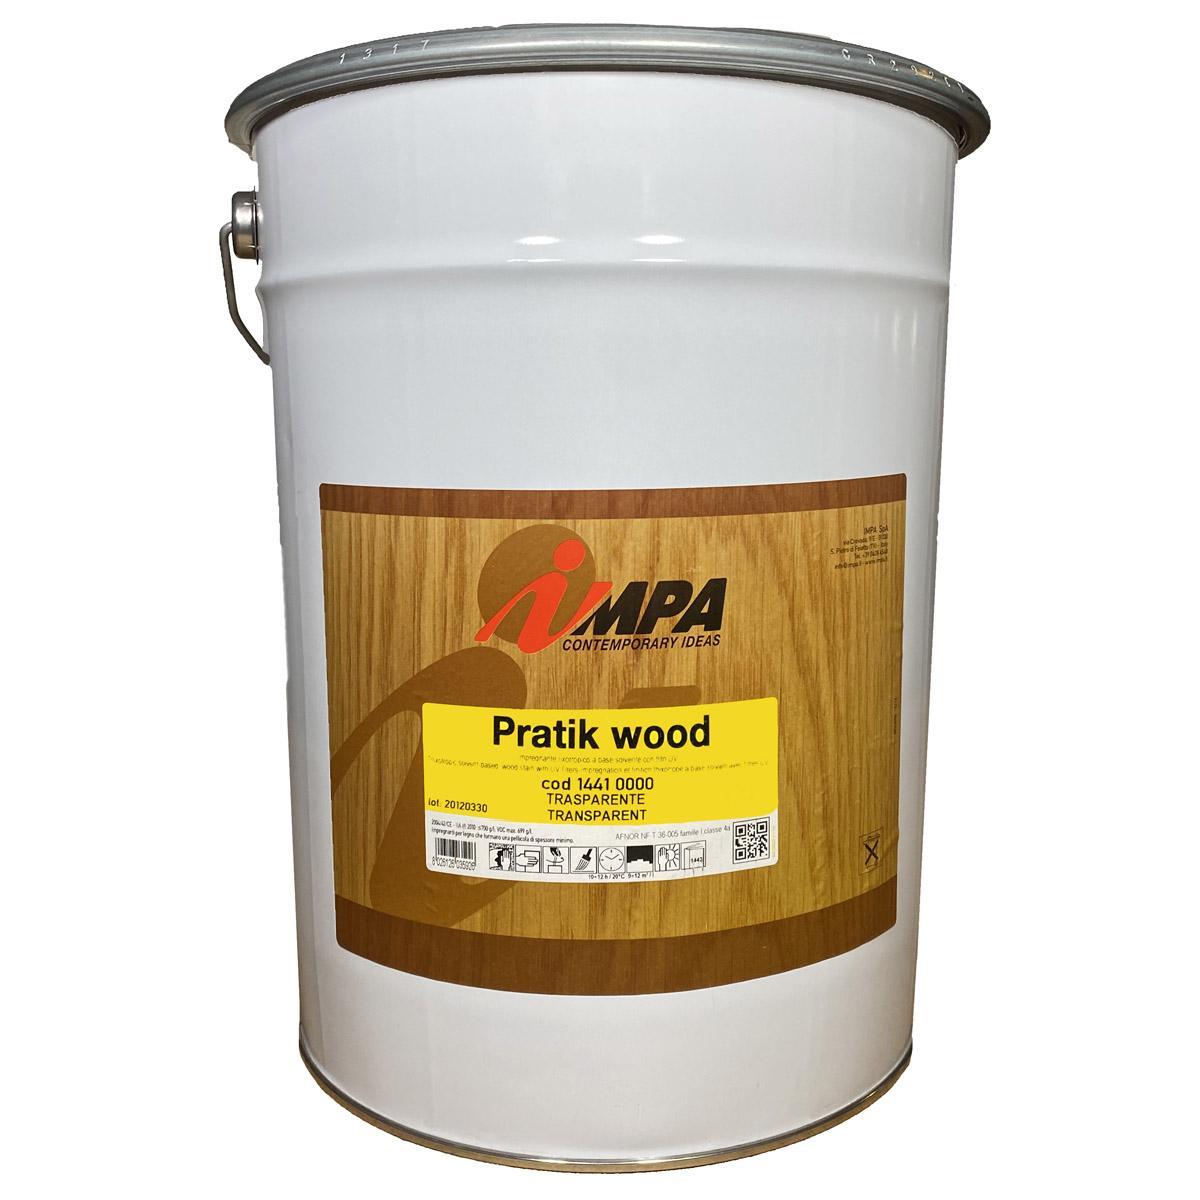 Пропитка для дерева impa pratik wood